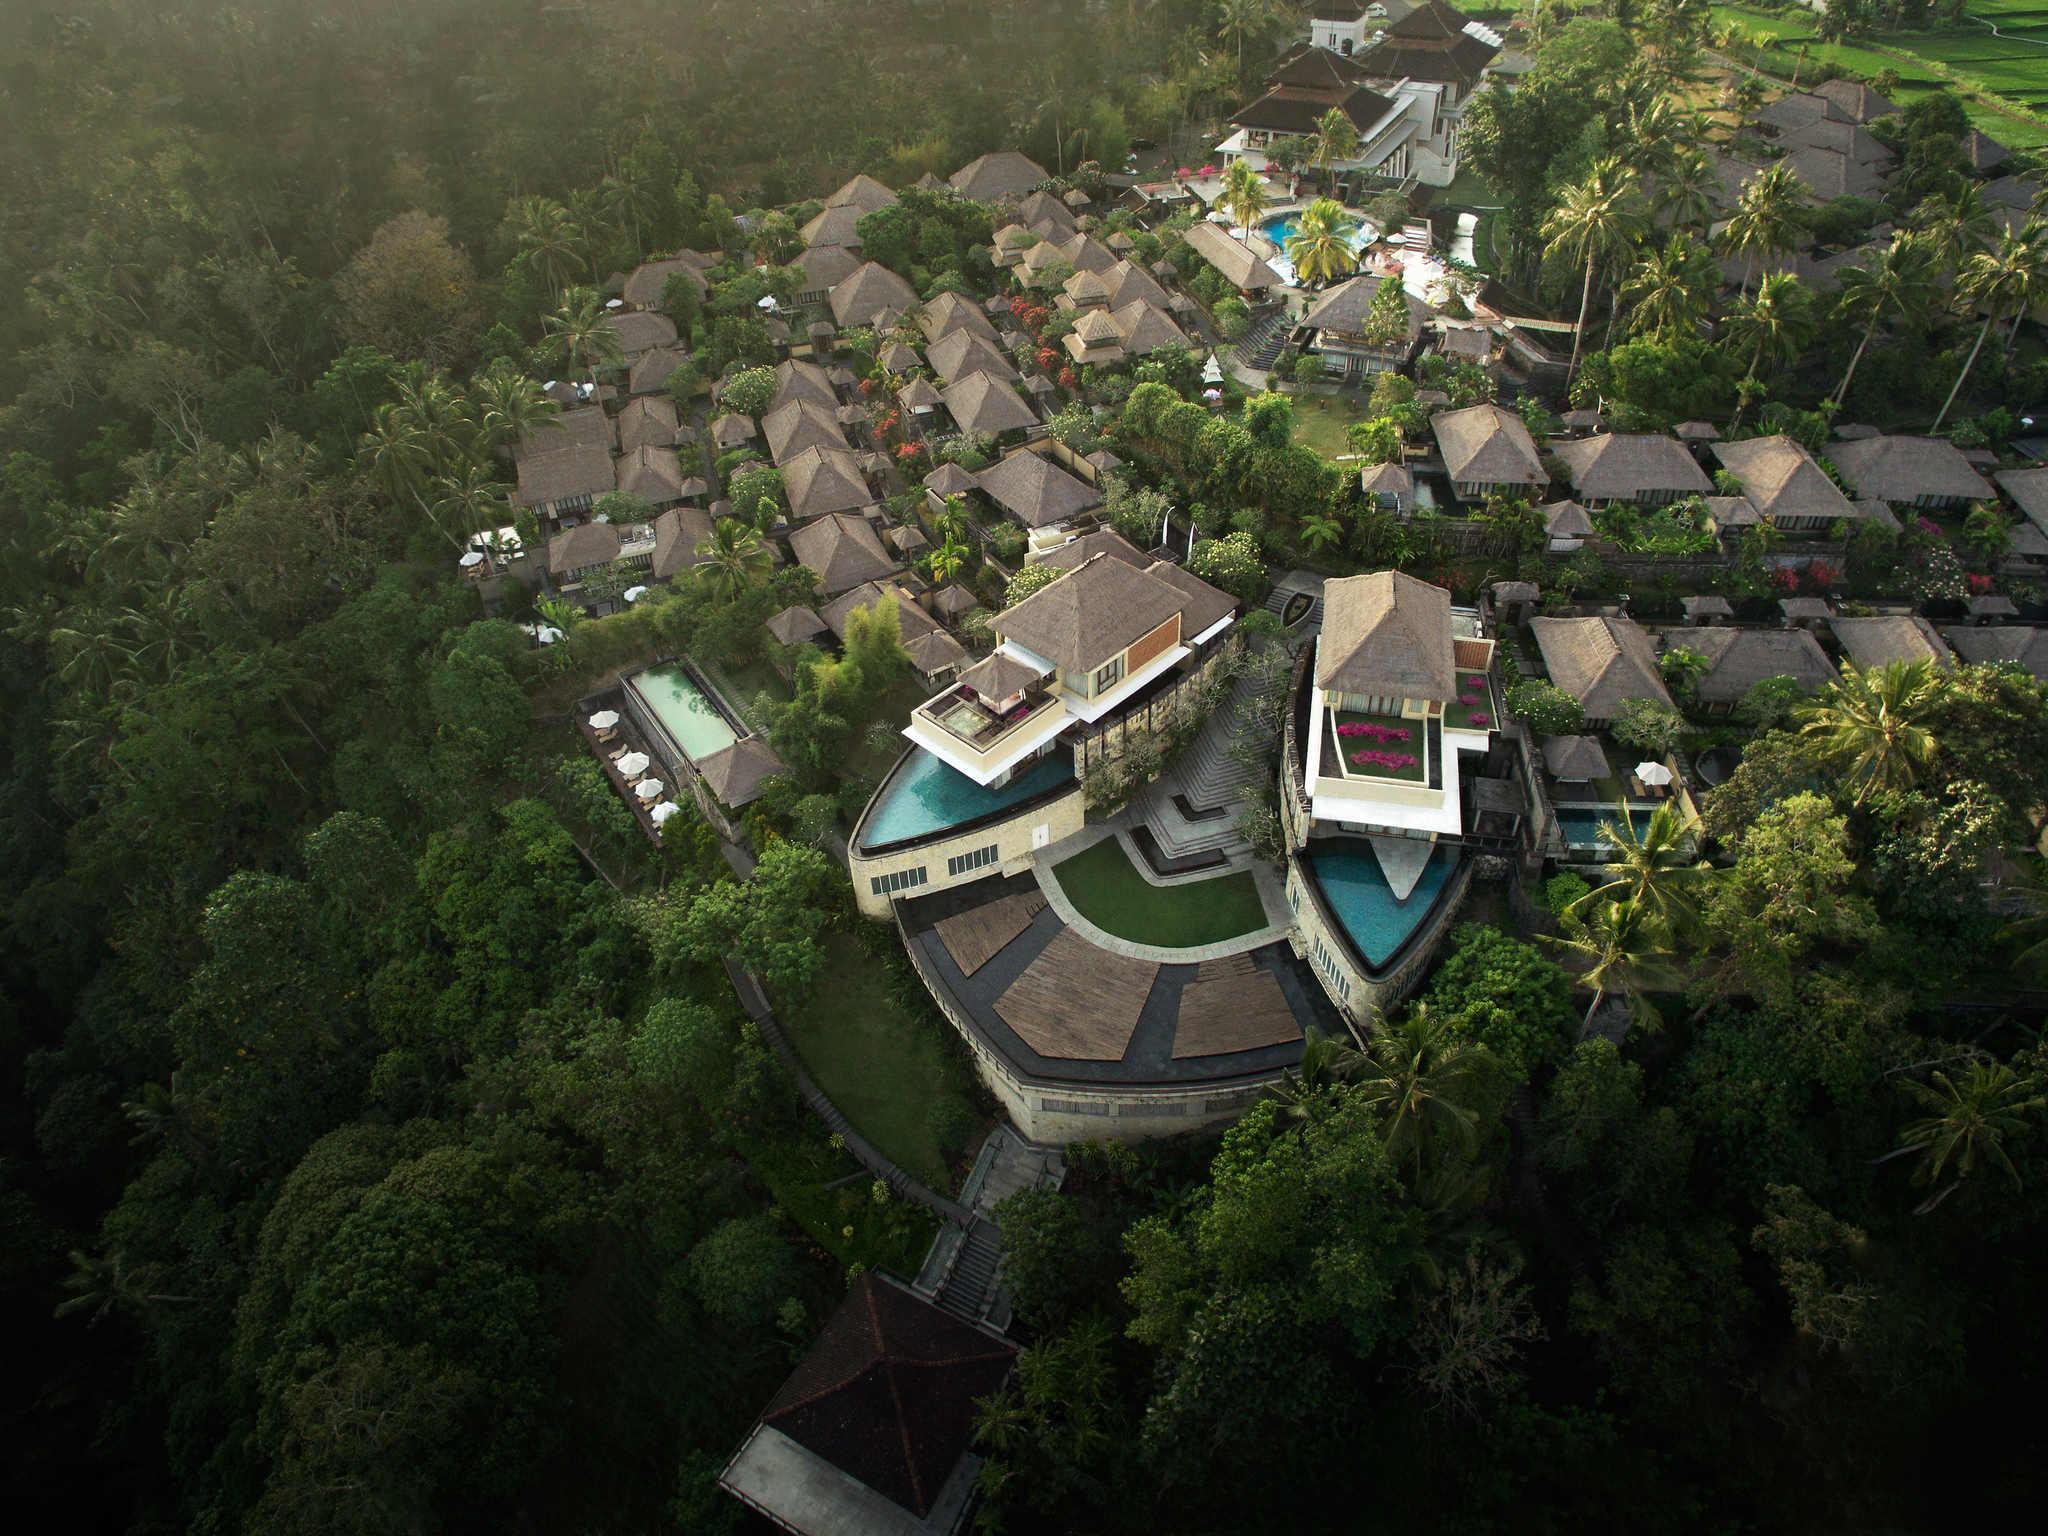 Hotel in ubud kamandalu ubud for Five star hotels in bali indonesia